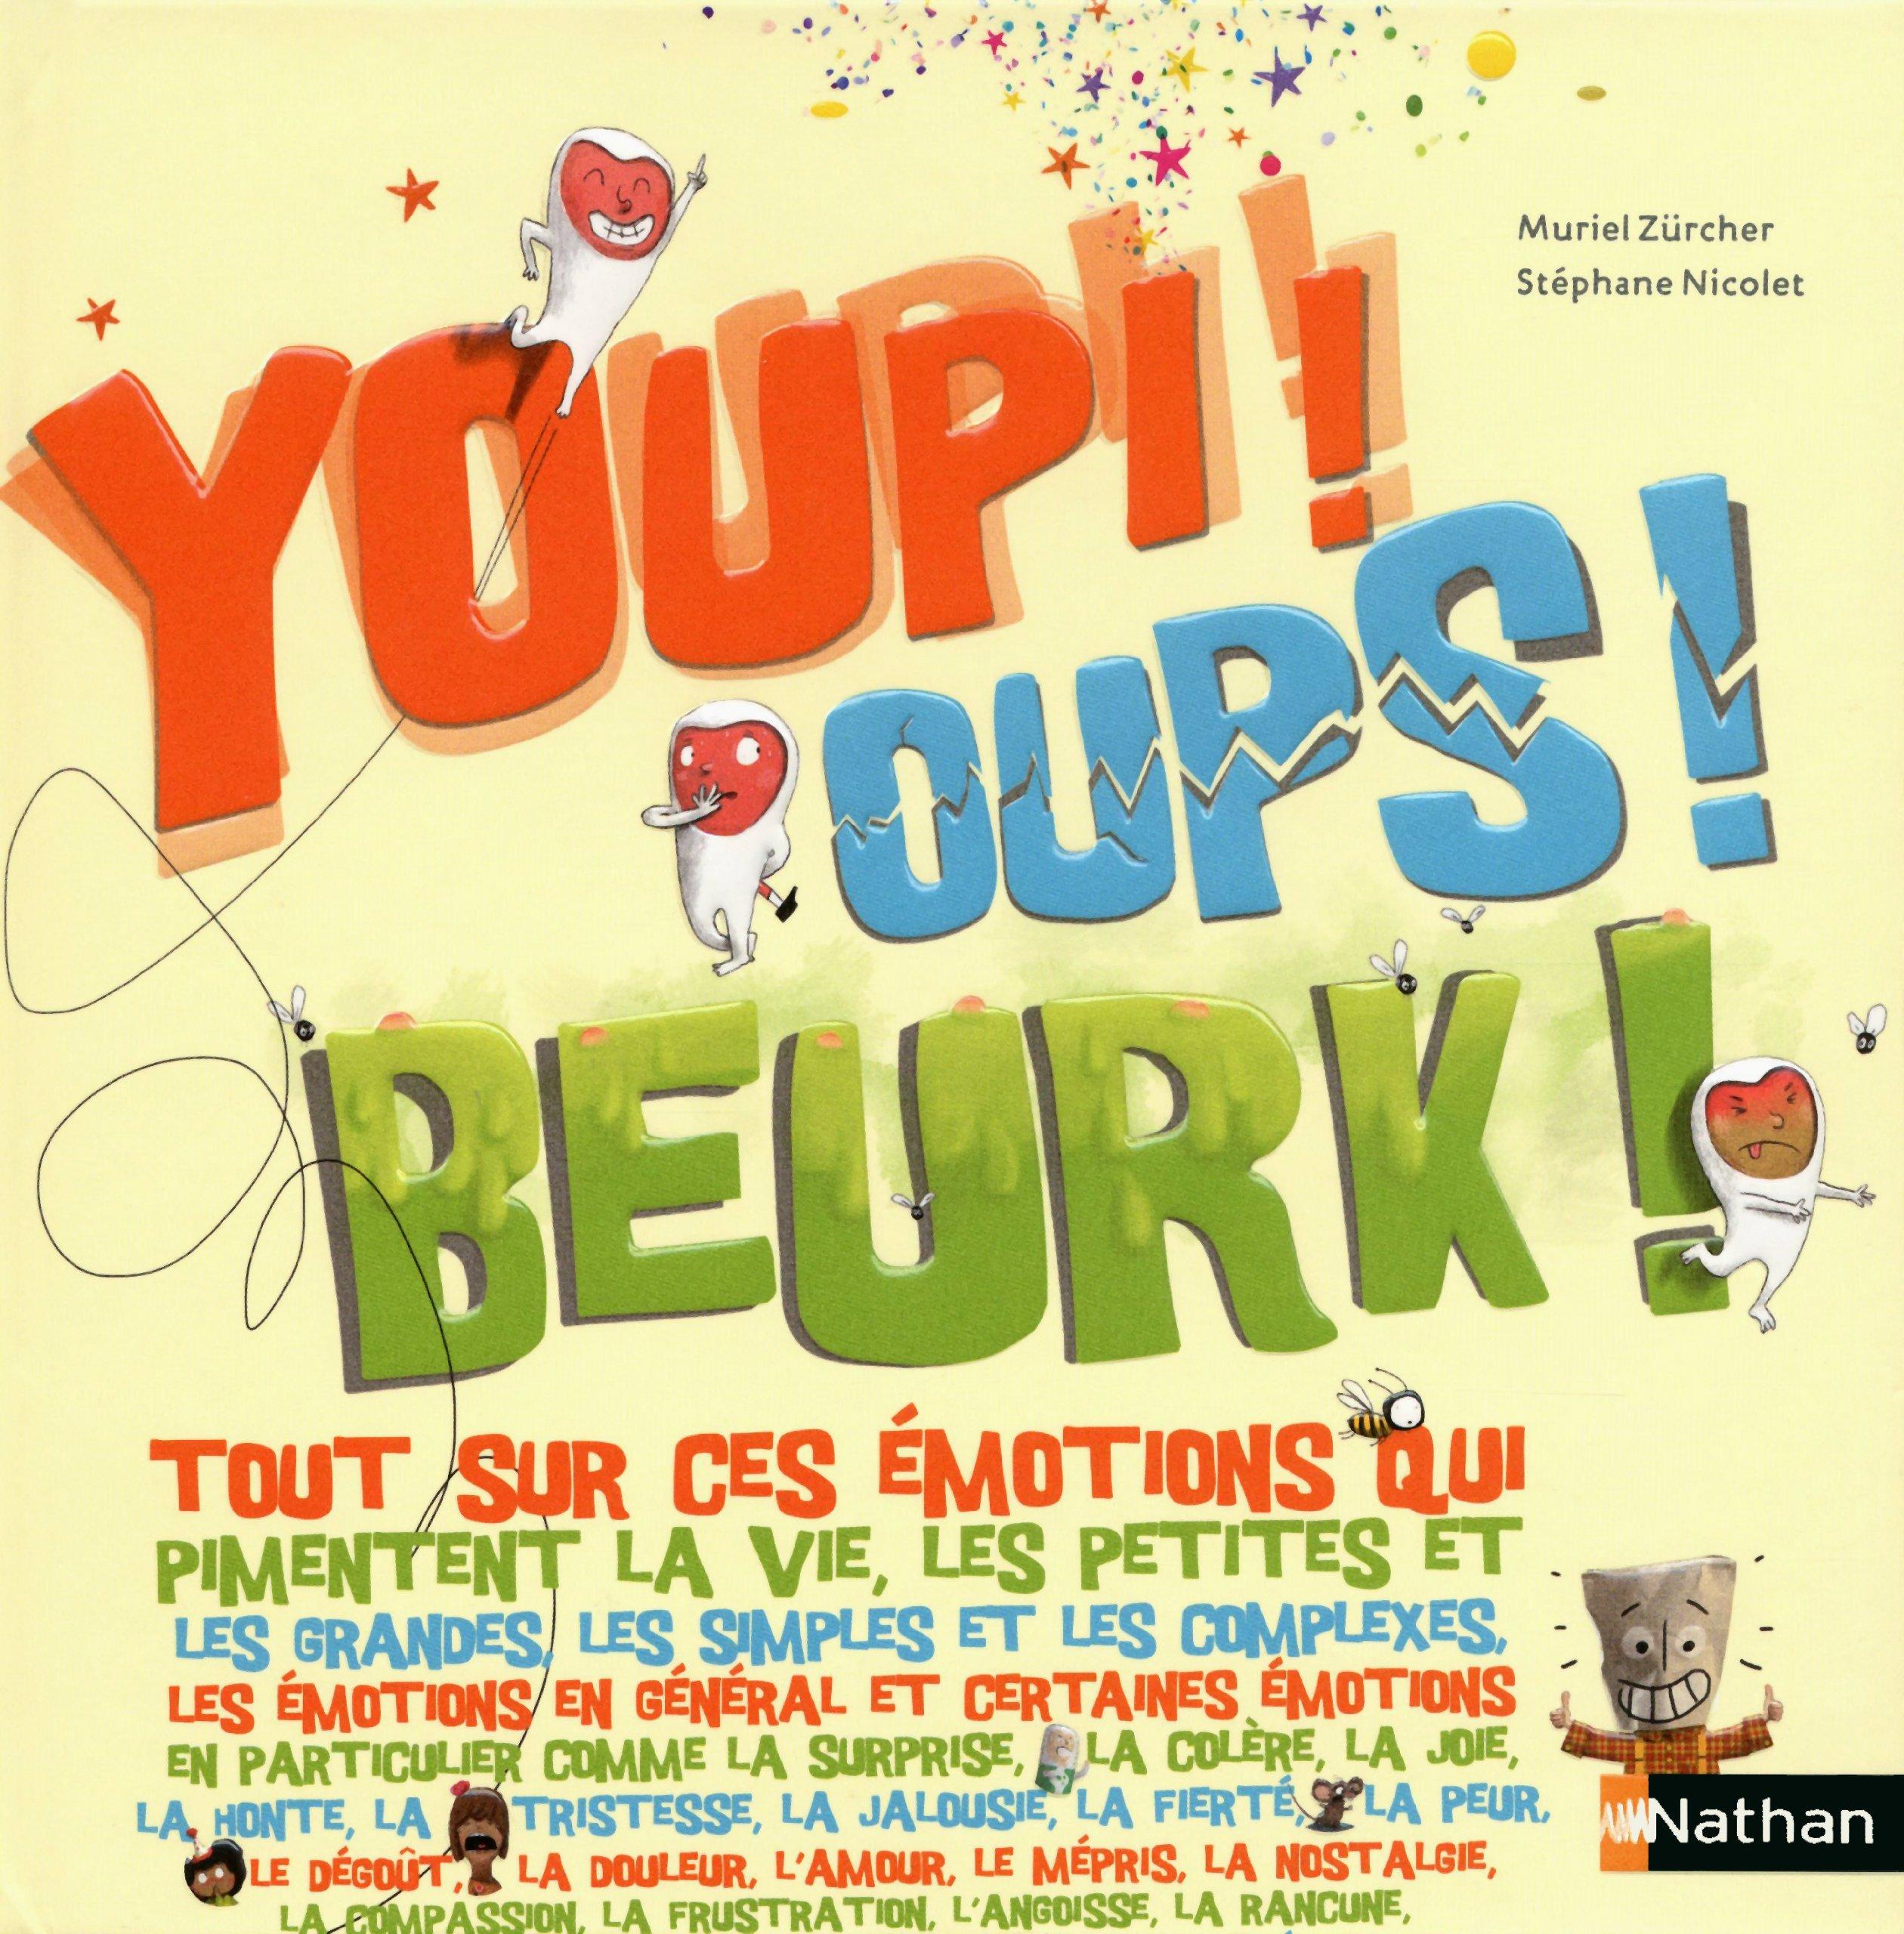 Youpi! Oups! Beurk! Relié – 24 mai 2012 Muriel Zürcher Stéphane Nicolet Nathan 2092537636